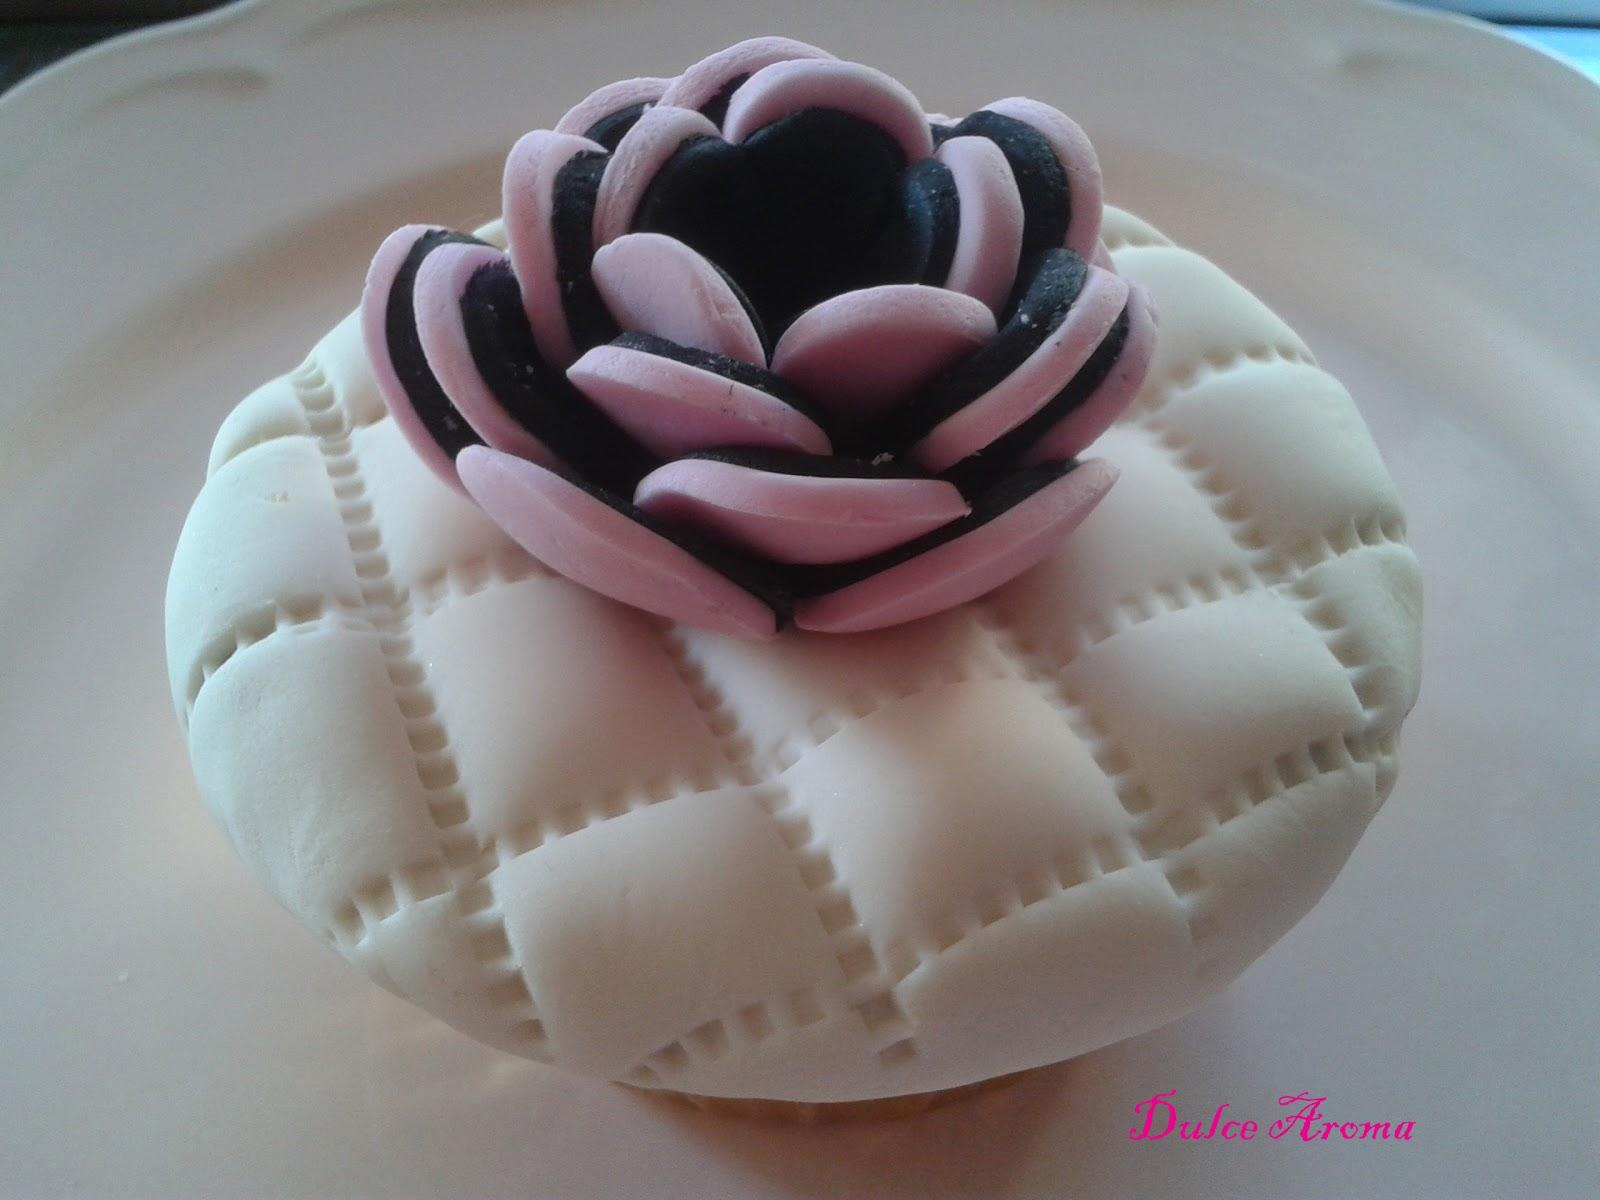 Dulce aroma cupcakes de alta costura estilo chanel - Mundo de la reposteria ...